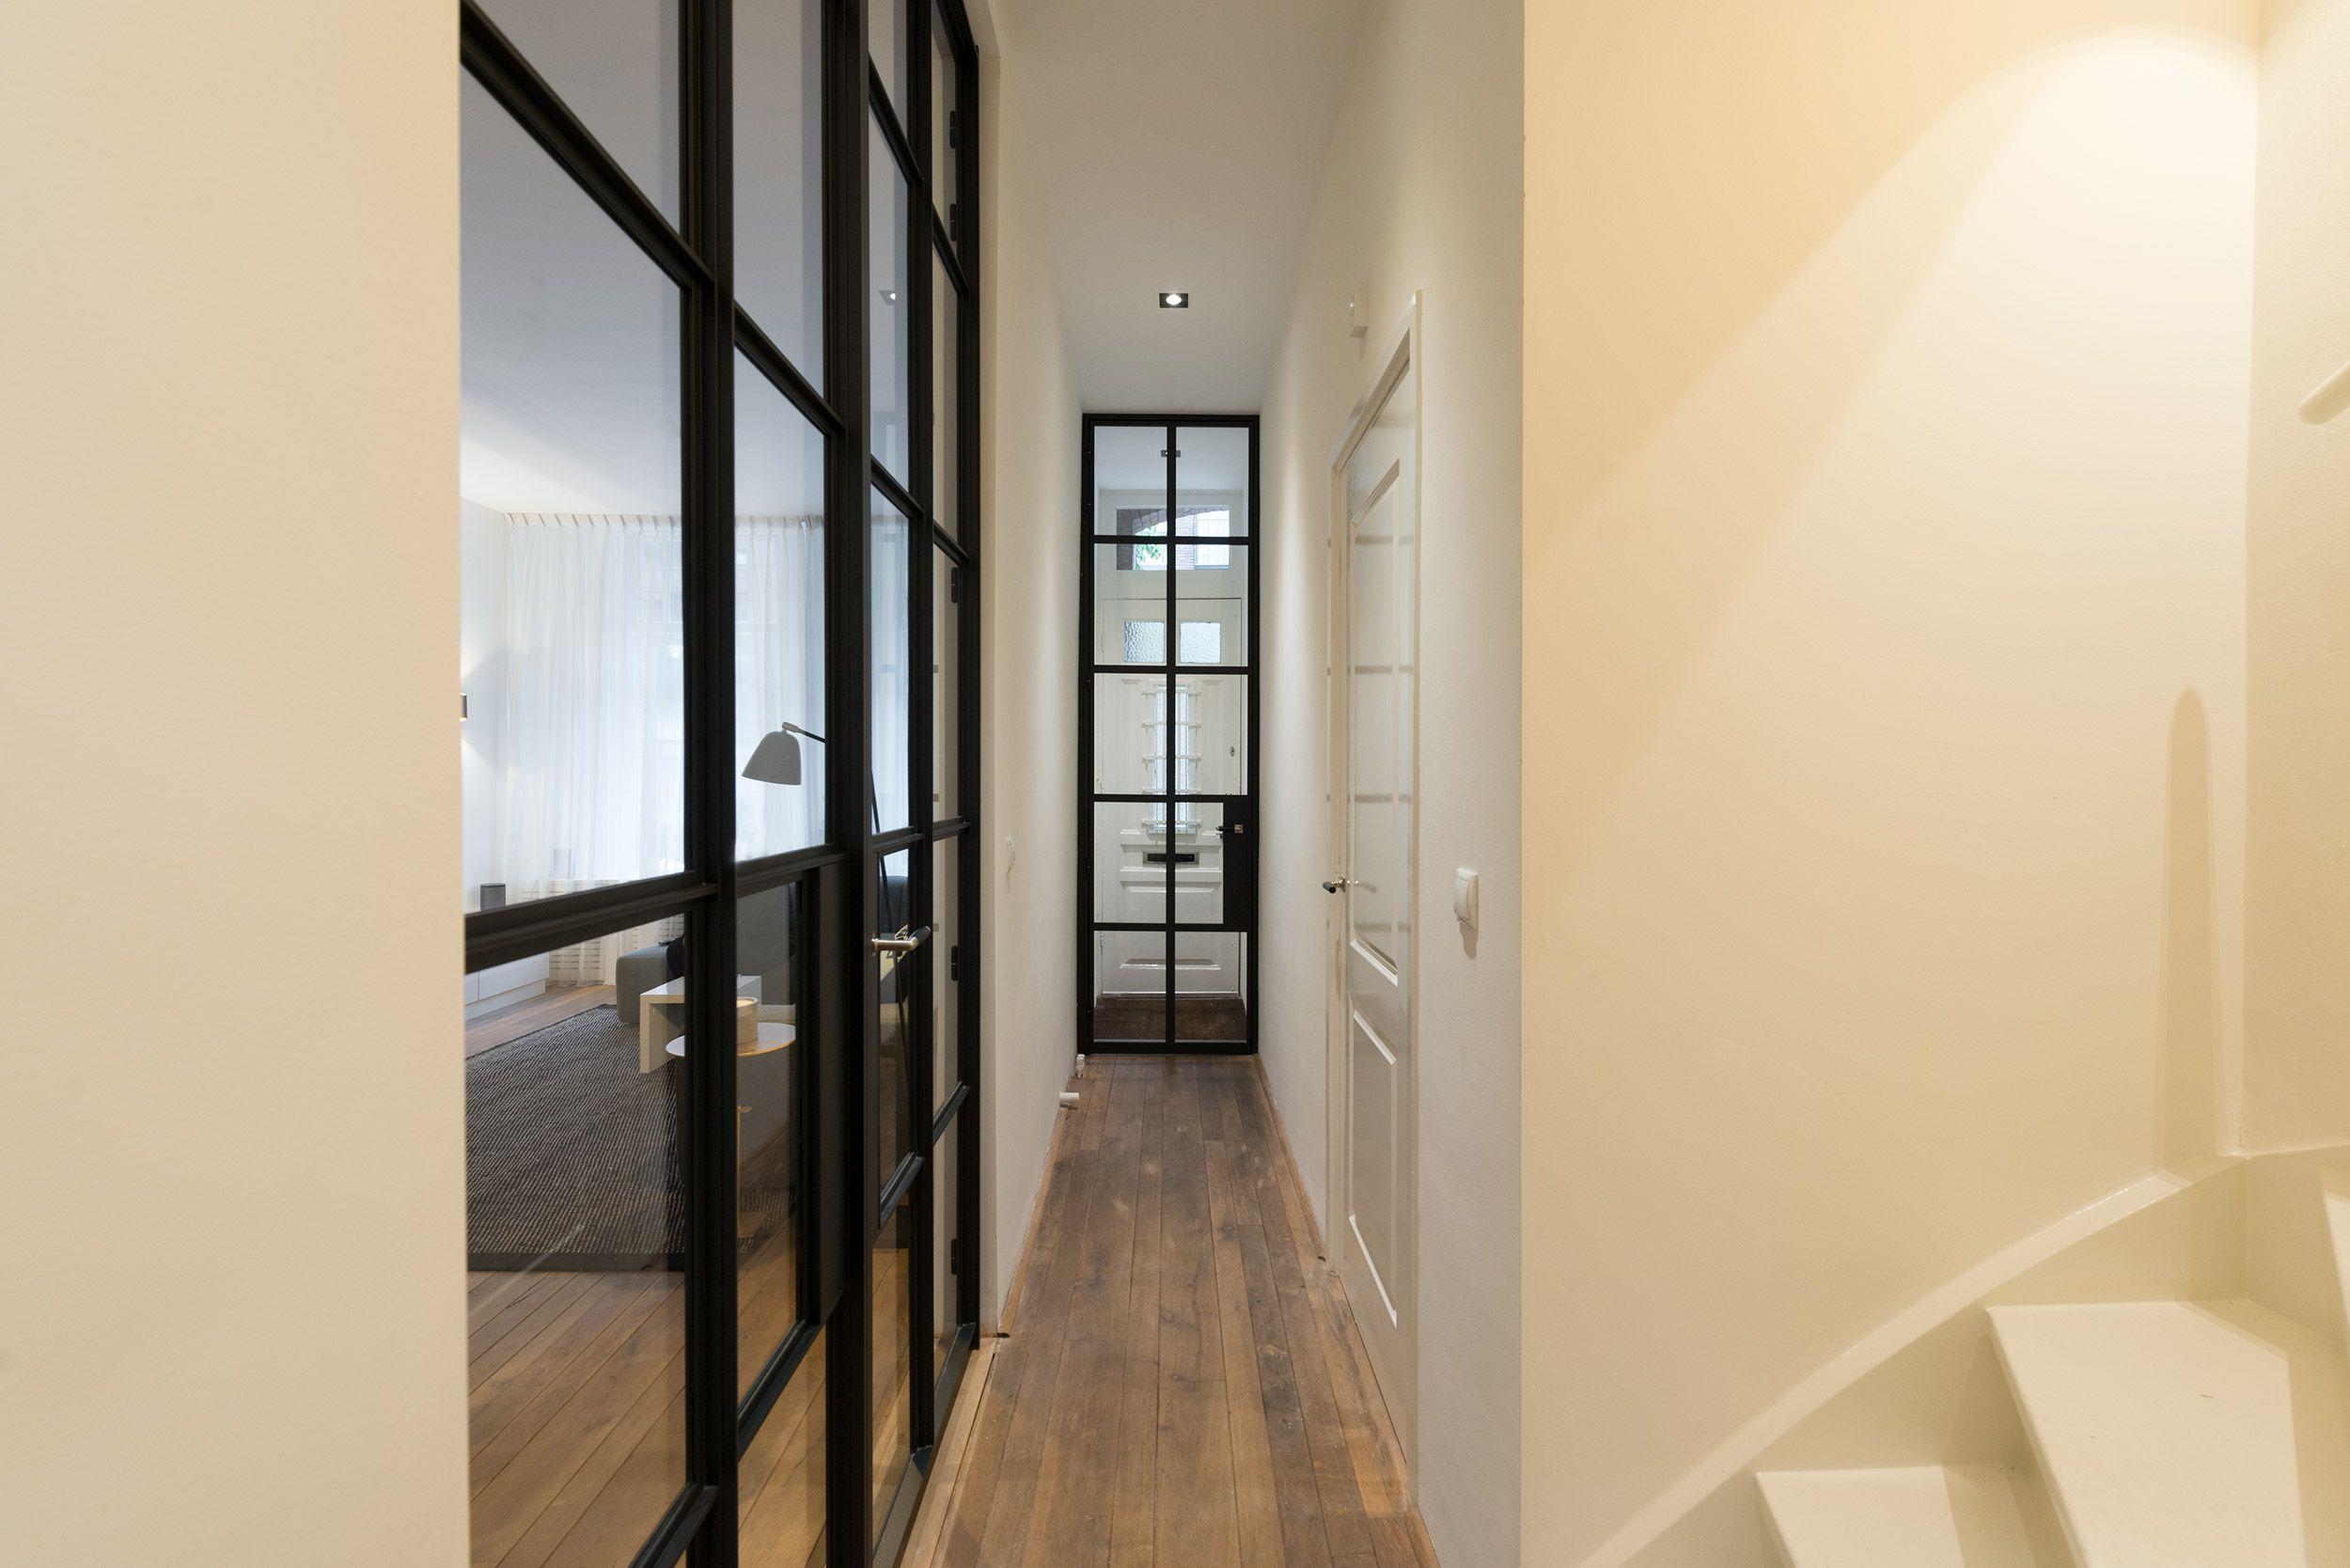 Dit woonhuis in amsterdam is voorzien van prachtige deuren van